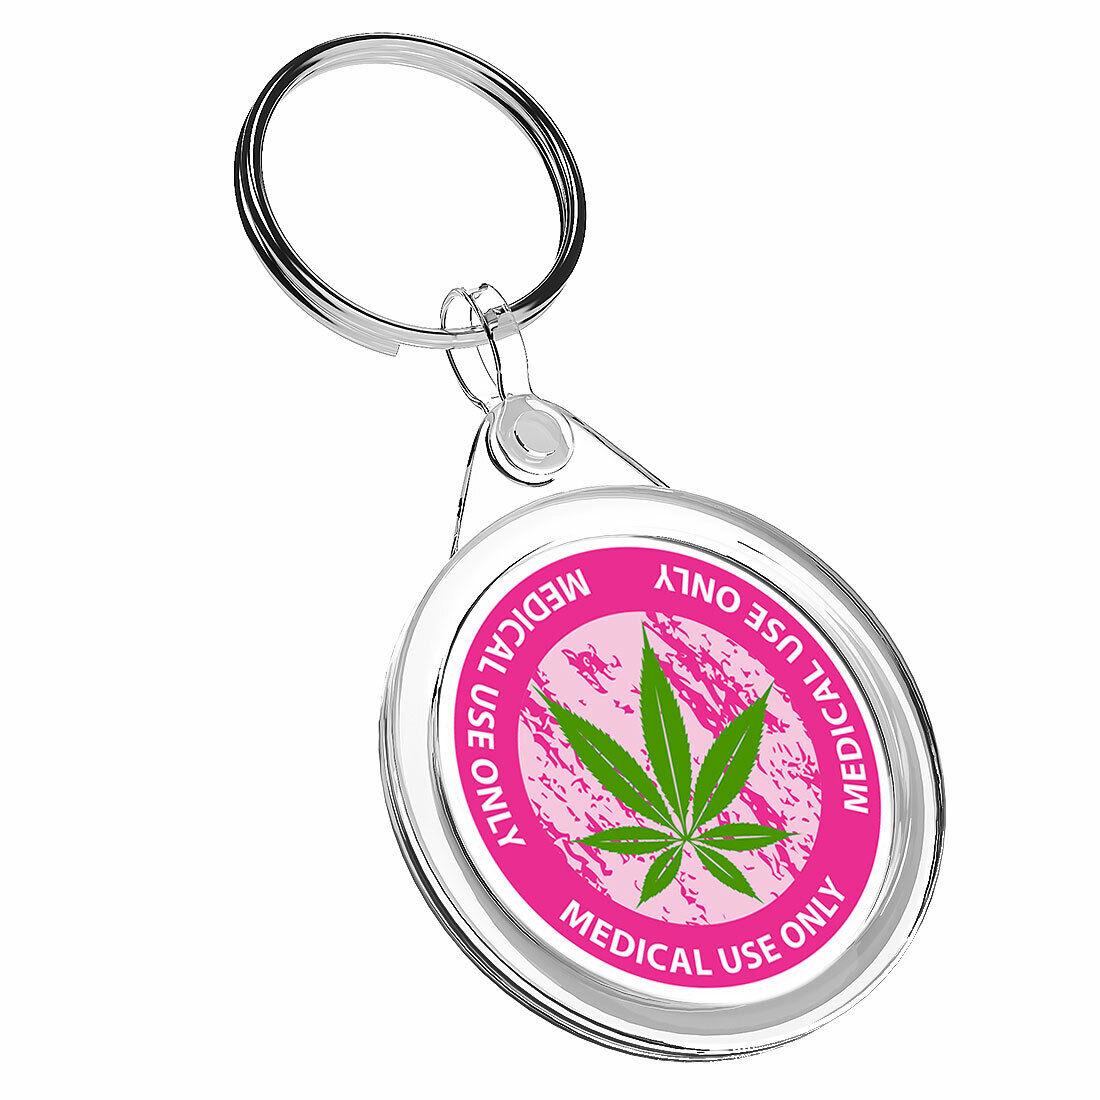 1 Cannabis uso médico sólo-x KEYRING IR02 mamá DAD Niños Regalo de Cumpleaños #5873